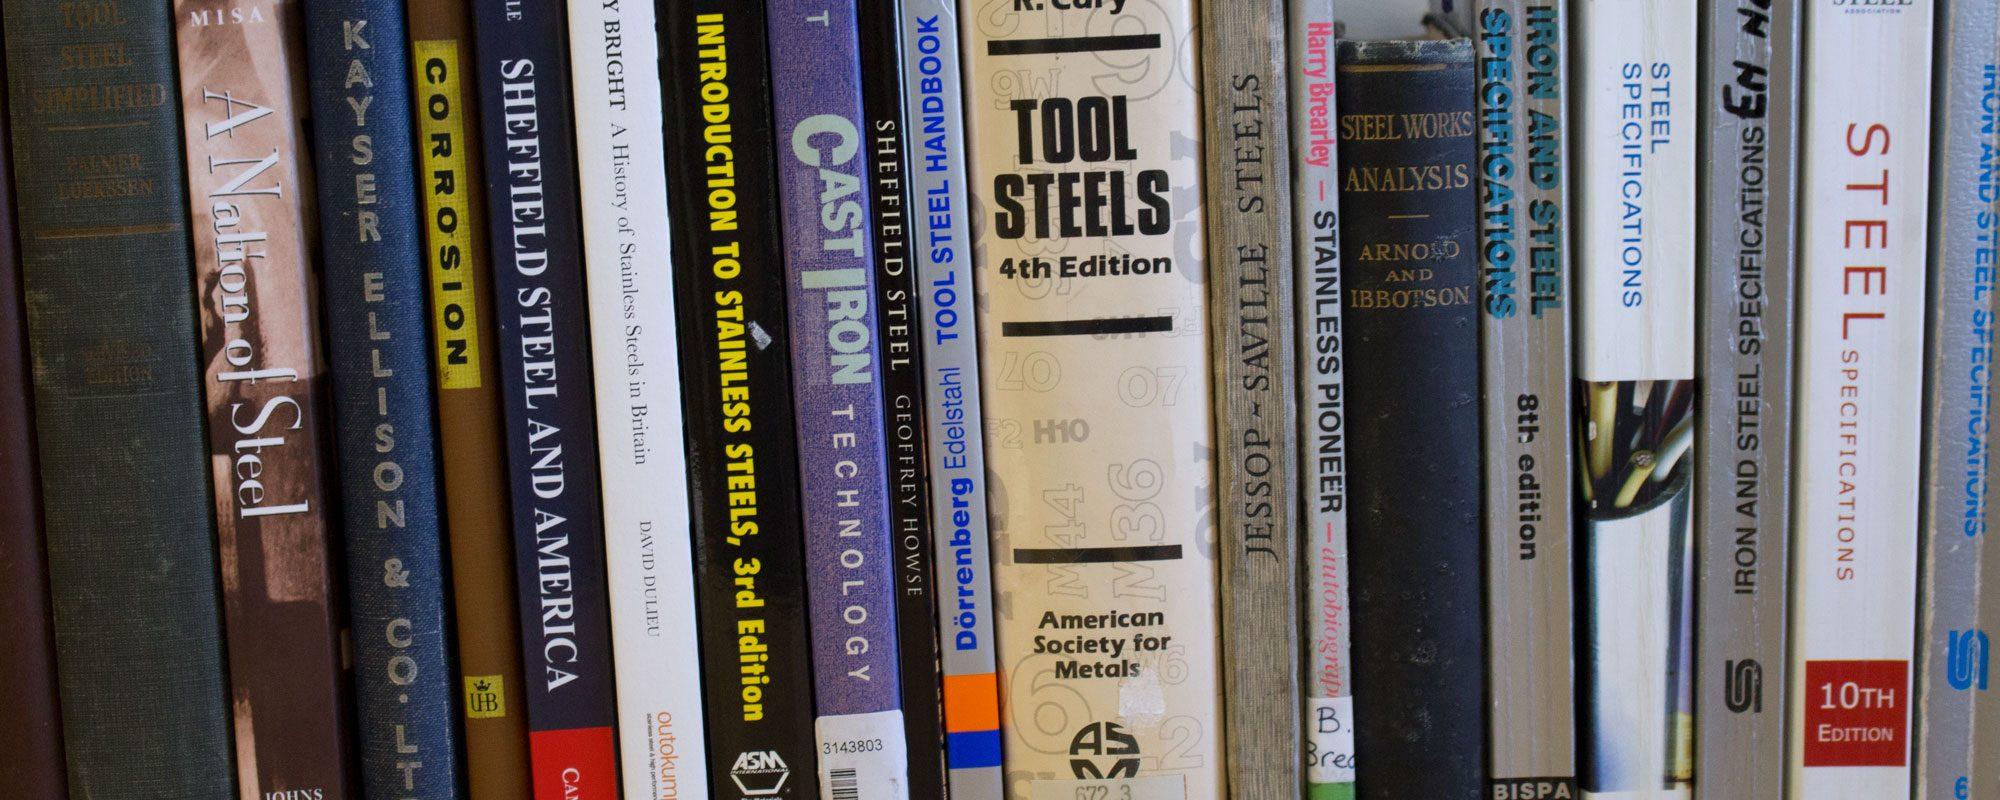 WYS books photo